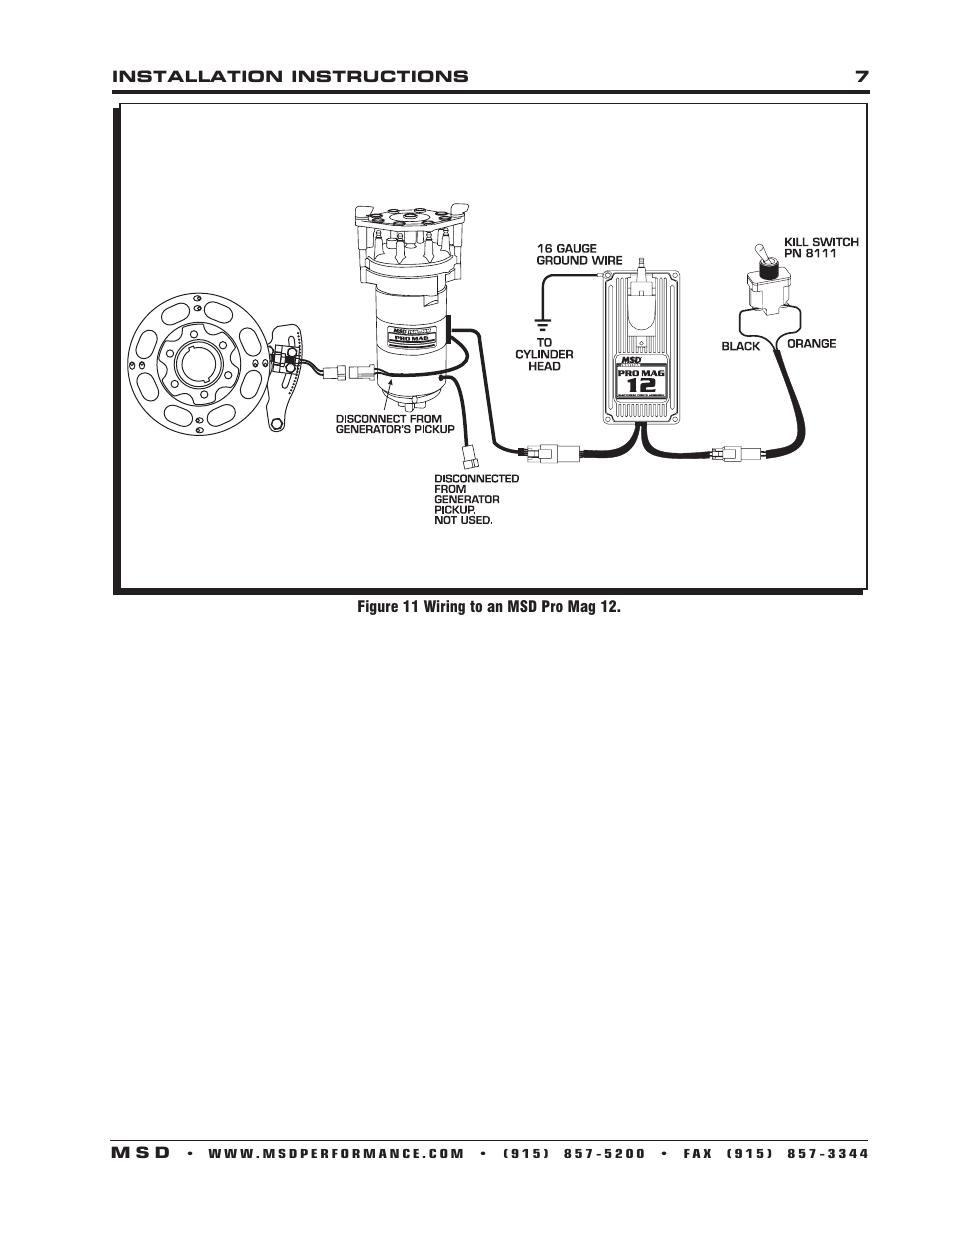 Msd Pro Mag 12 Wiring Diagram - Meta Wiring Diagrams Fax Line Wiring Diagram on